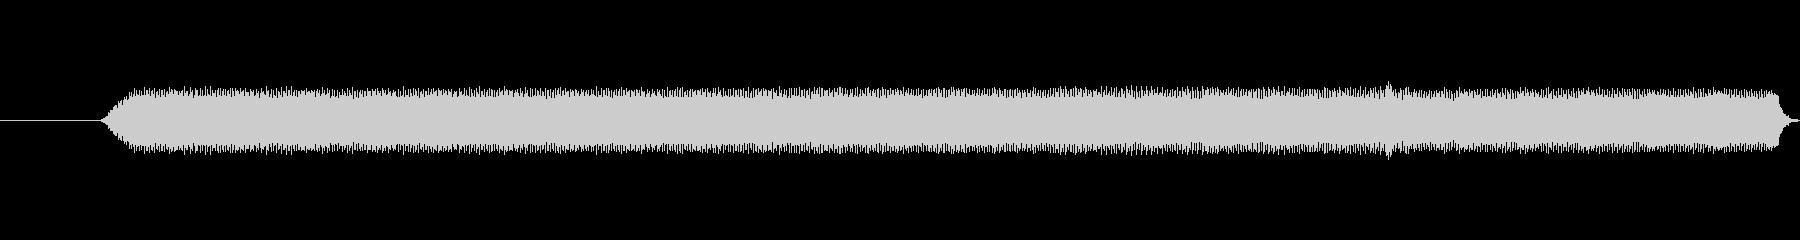 電子ブザー:定数、ブザー、コミック...の未再生の波形